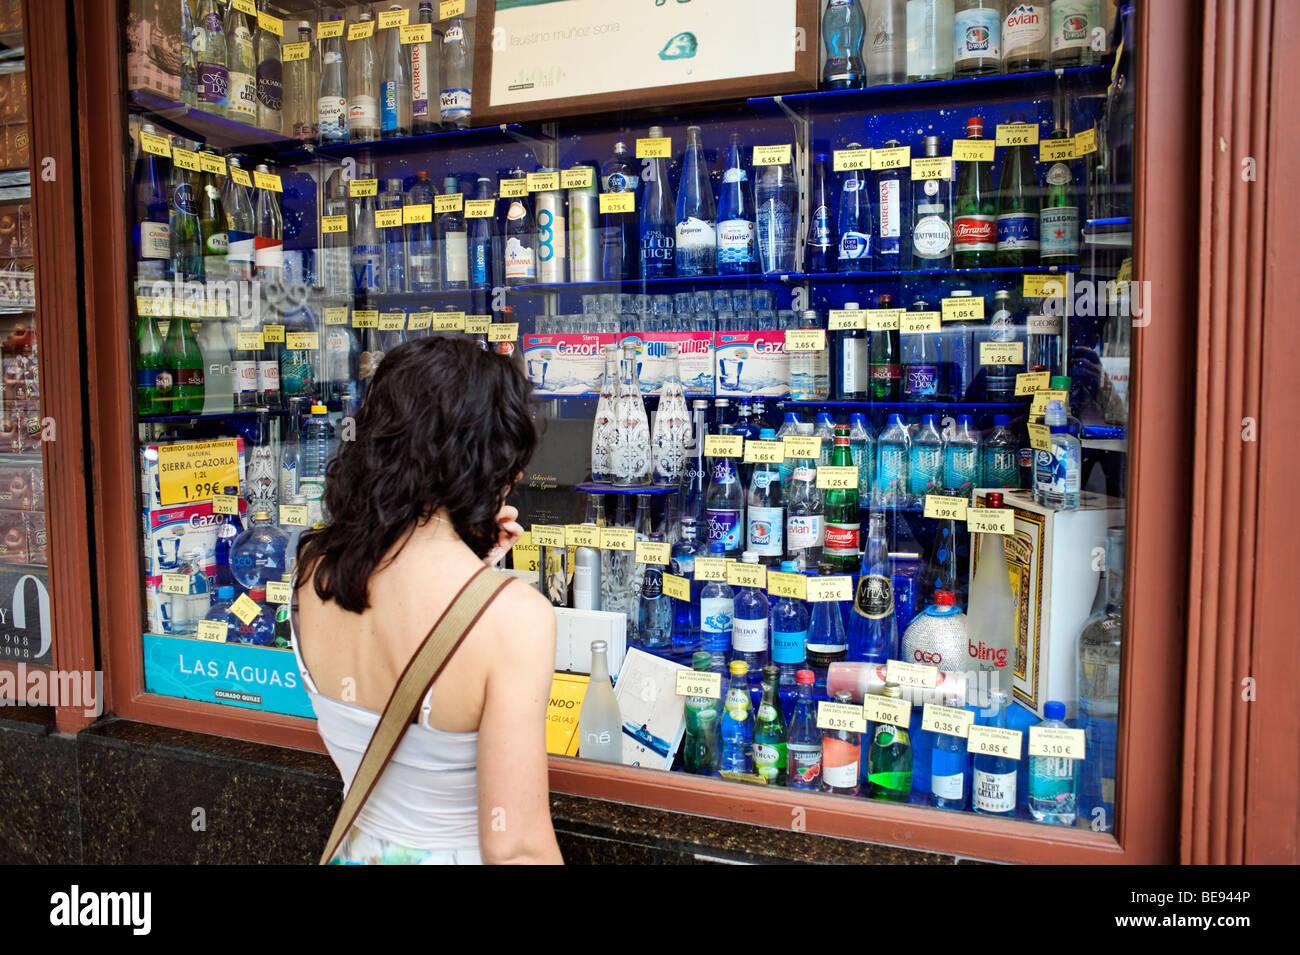 Escaparate con enorme selección de botellas de agua mineral. Barcelona. España Imagen De Stock